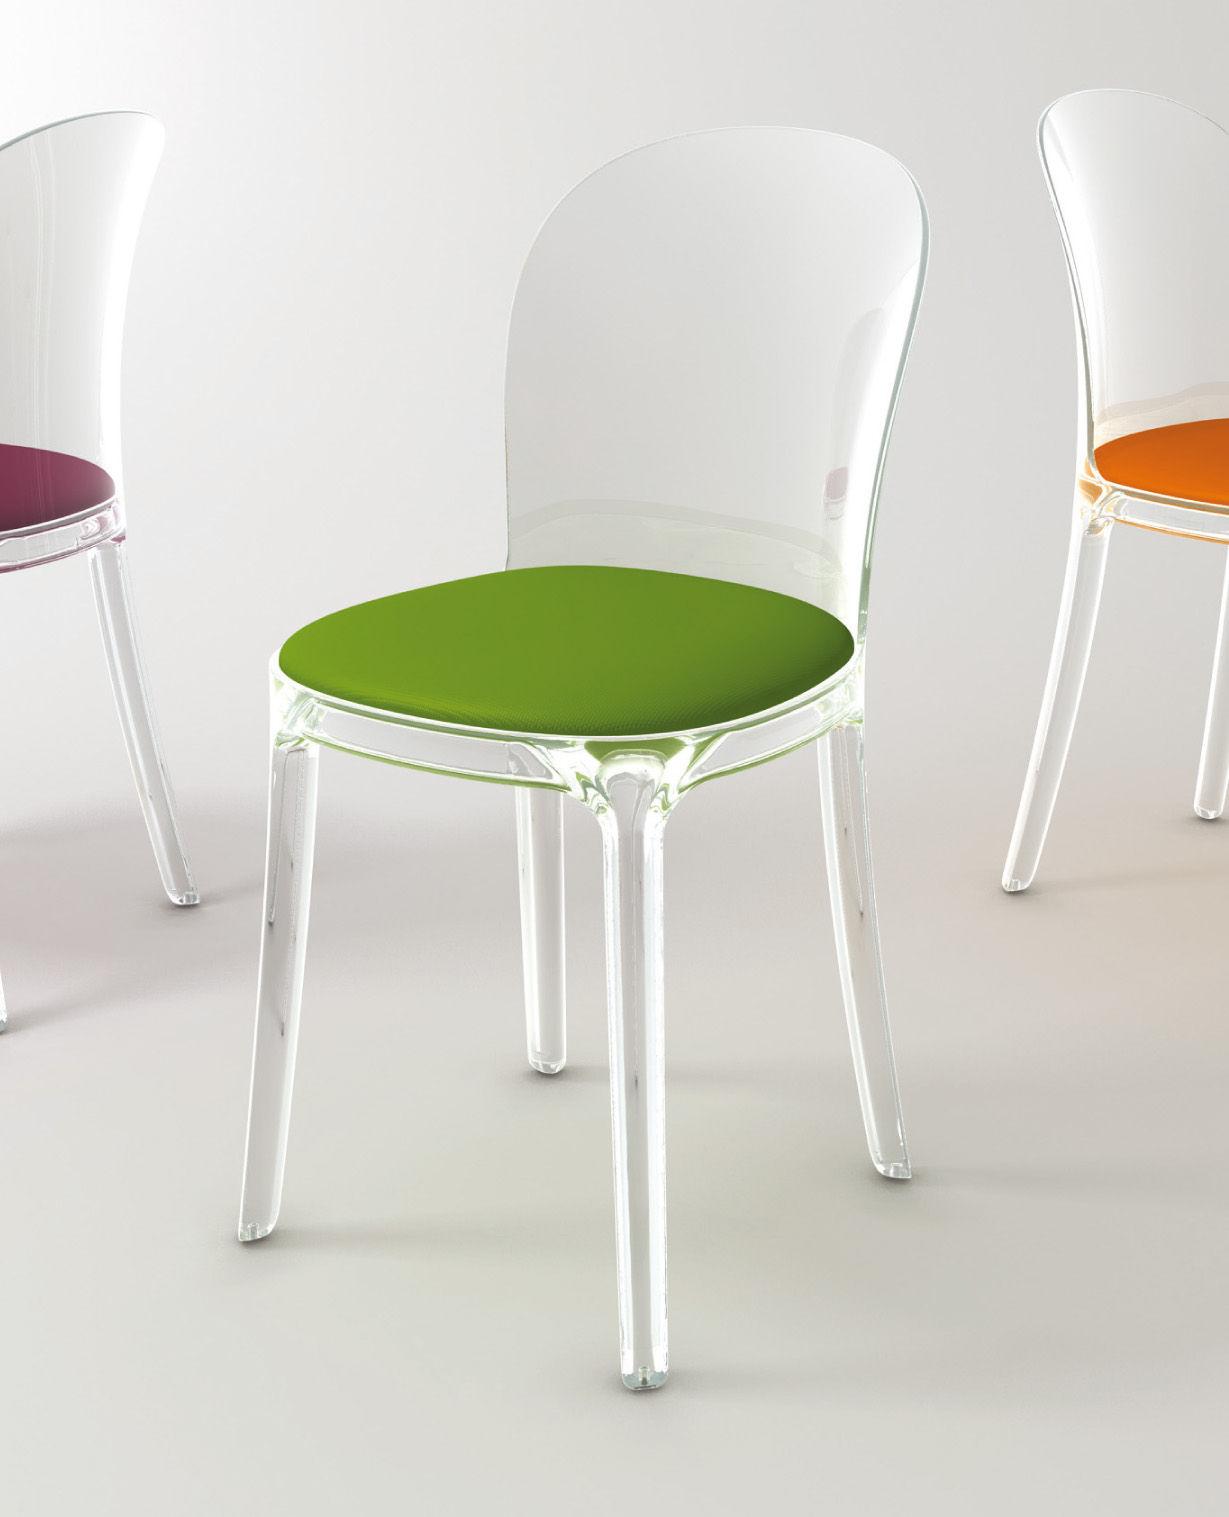 Scopri sedia vanity chair struttura trasparente for Sedia ufficio trasparente